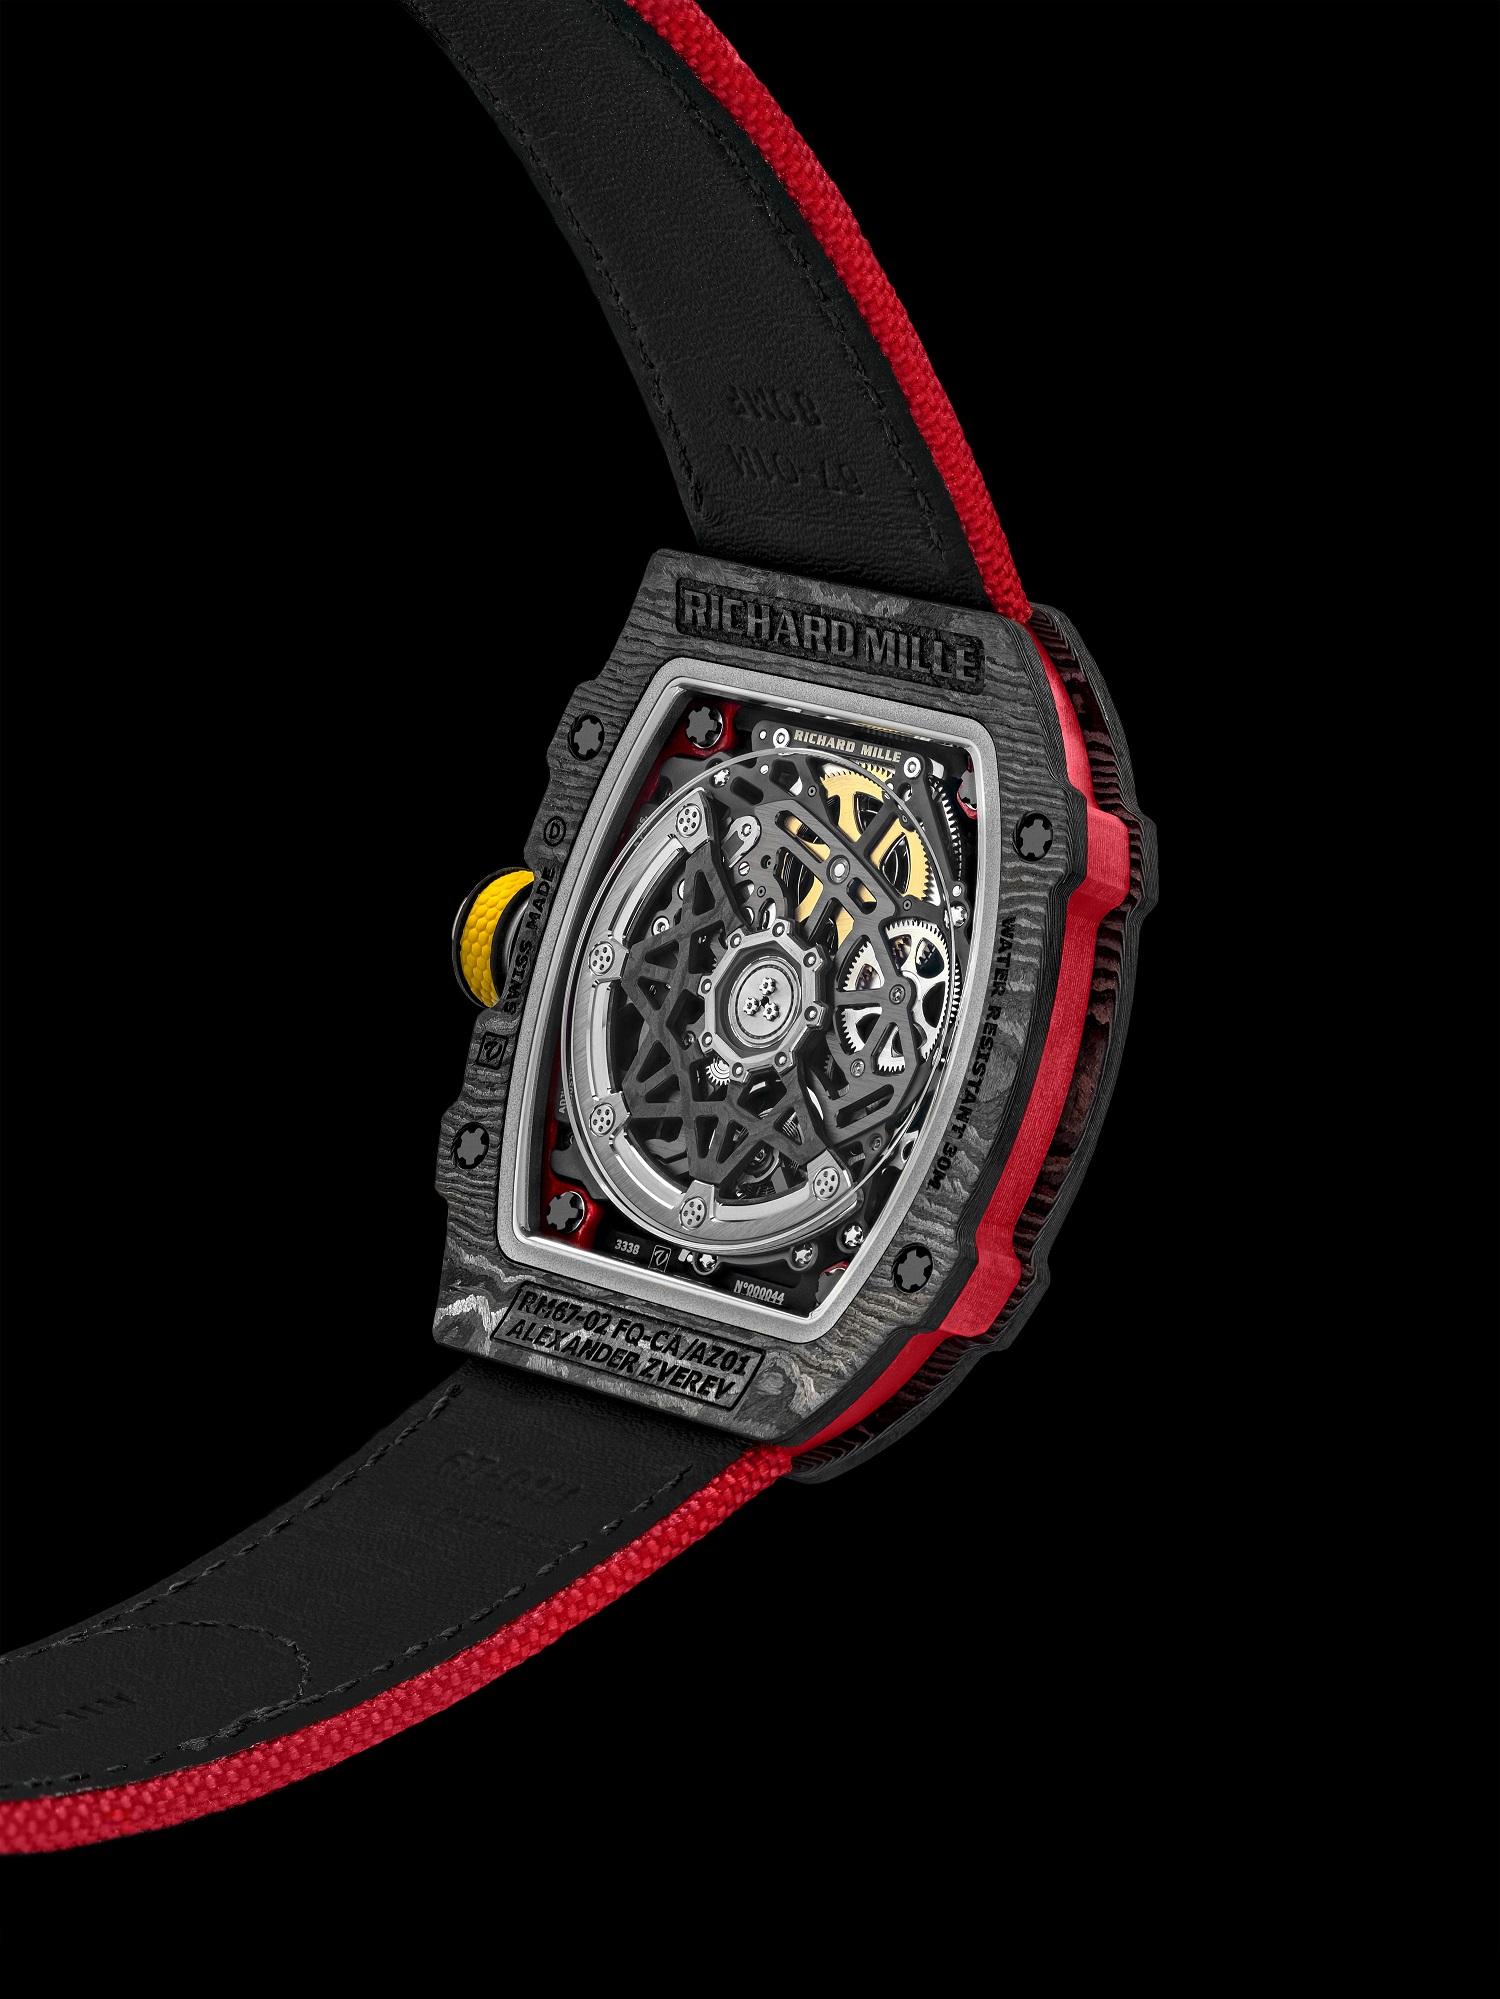 Het CRMA 7 uurwerk is gemaakt van titanium – de platine en de bruggen – en een speciale carbonsoort – TPT